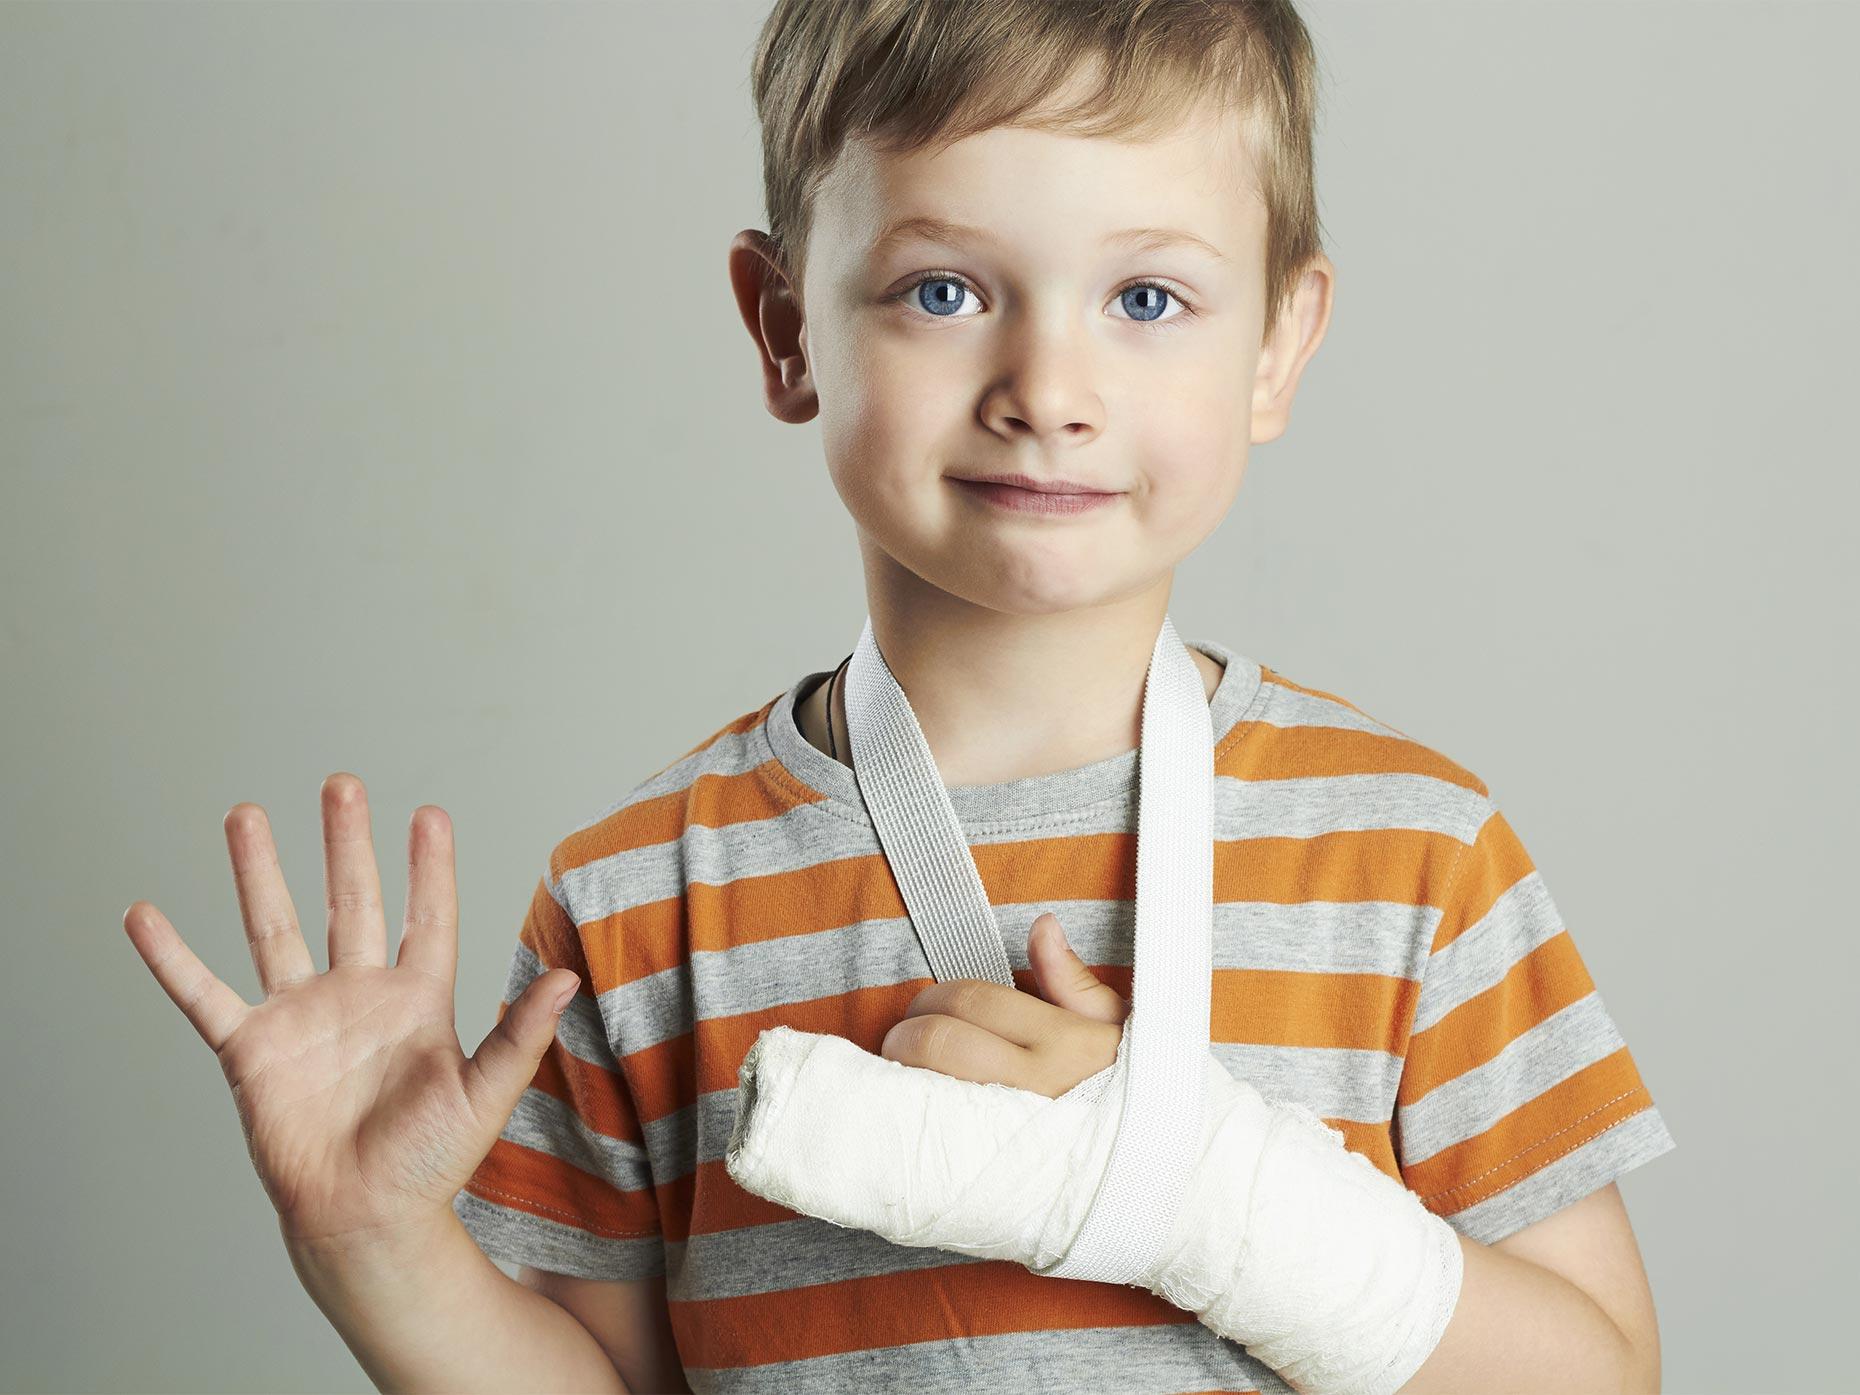 Traumi alle dita amico pediatra - Bagni di paraffina alle mani ...